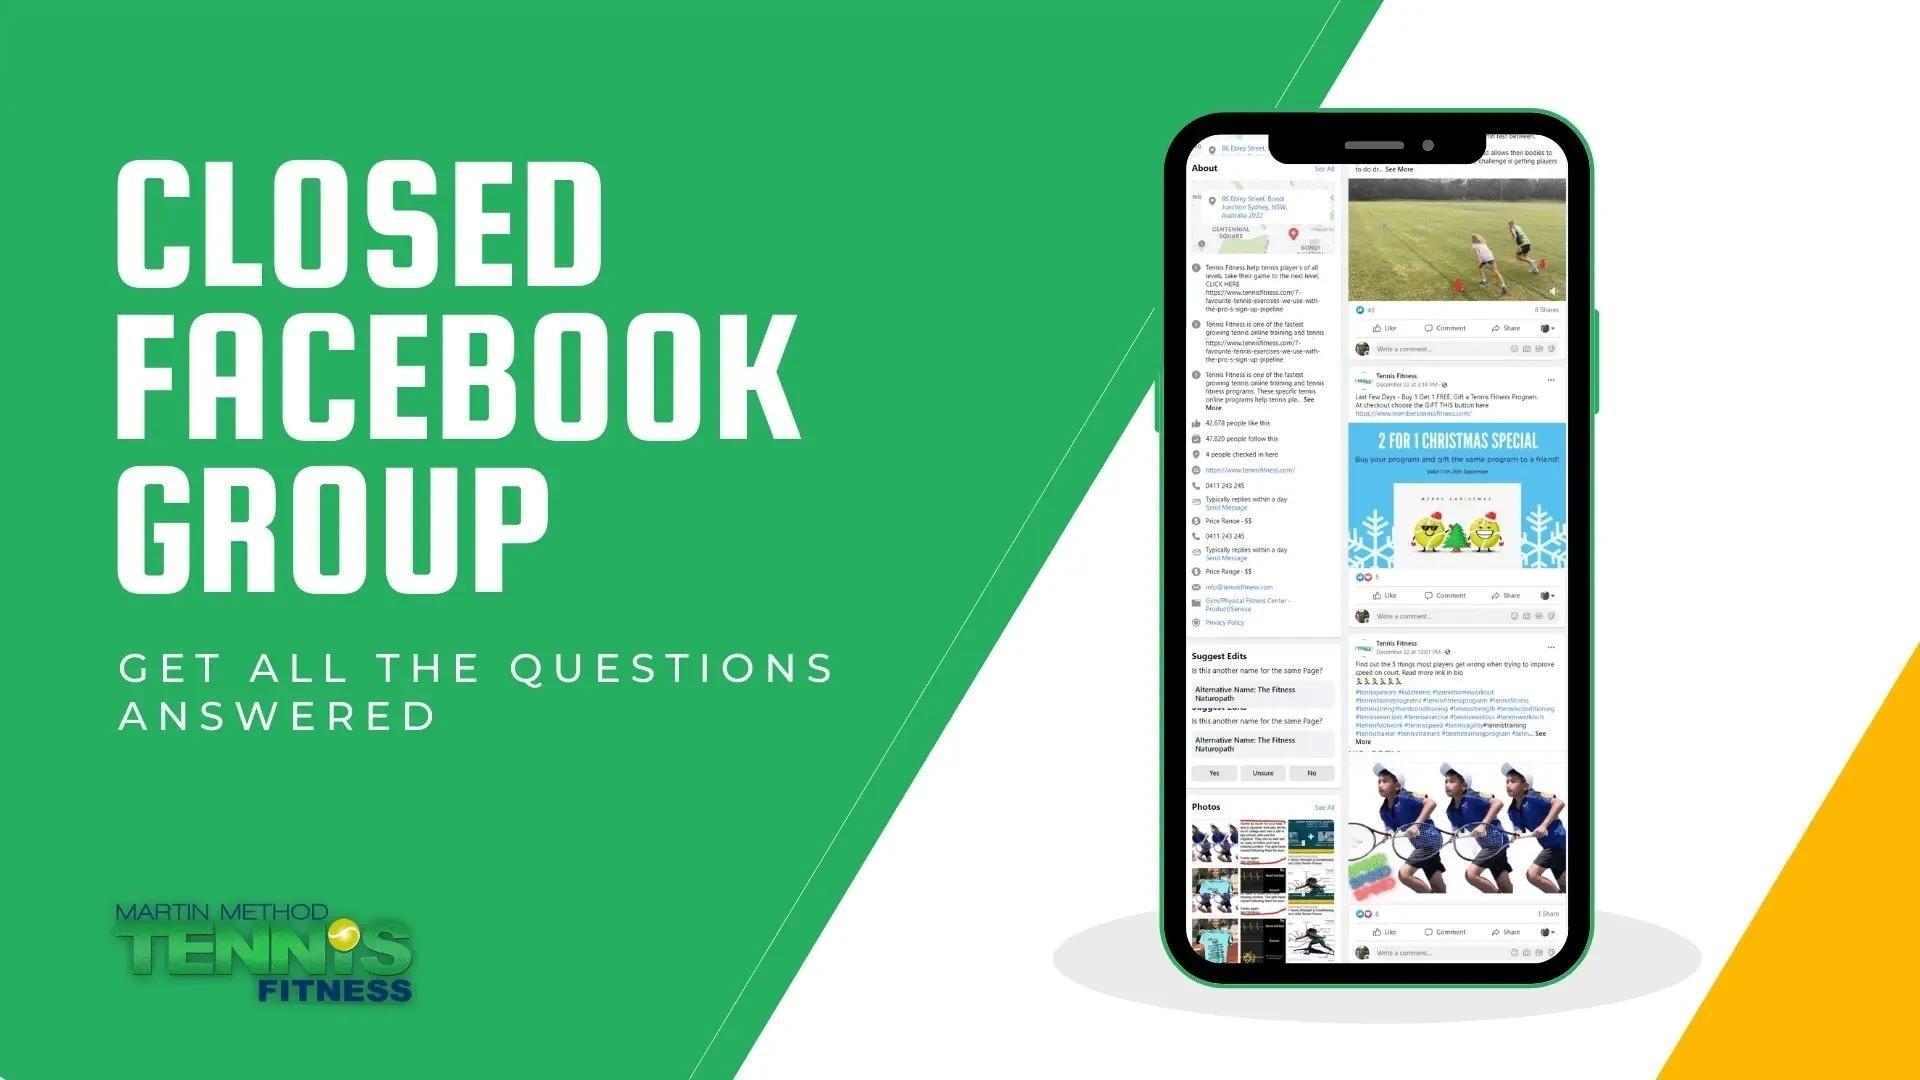 tennis-facebook-groupp